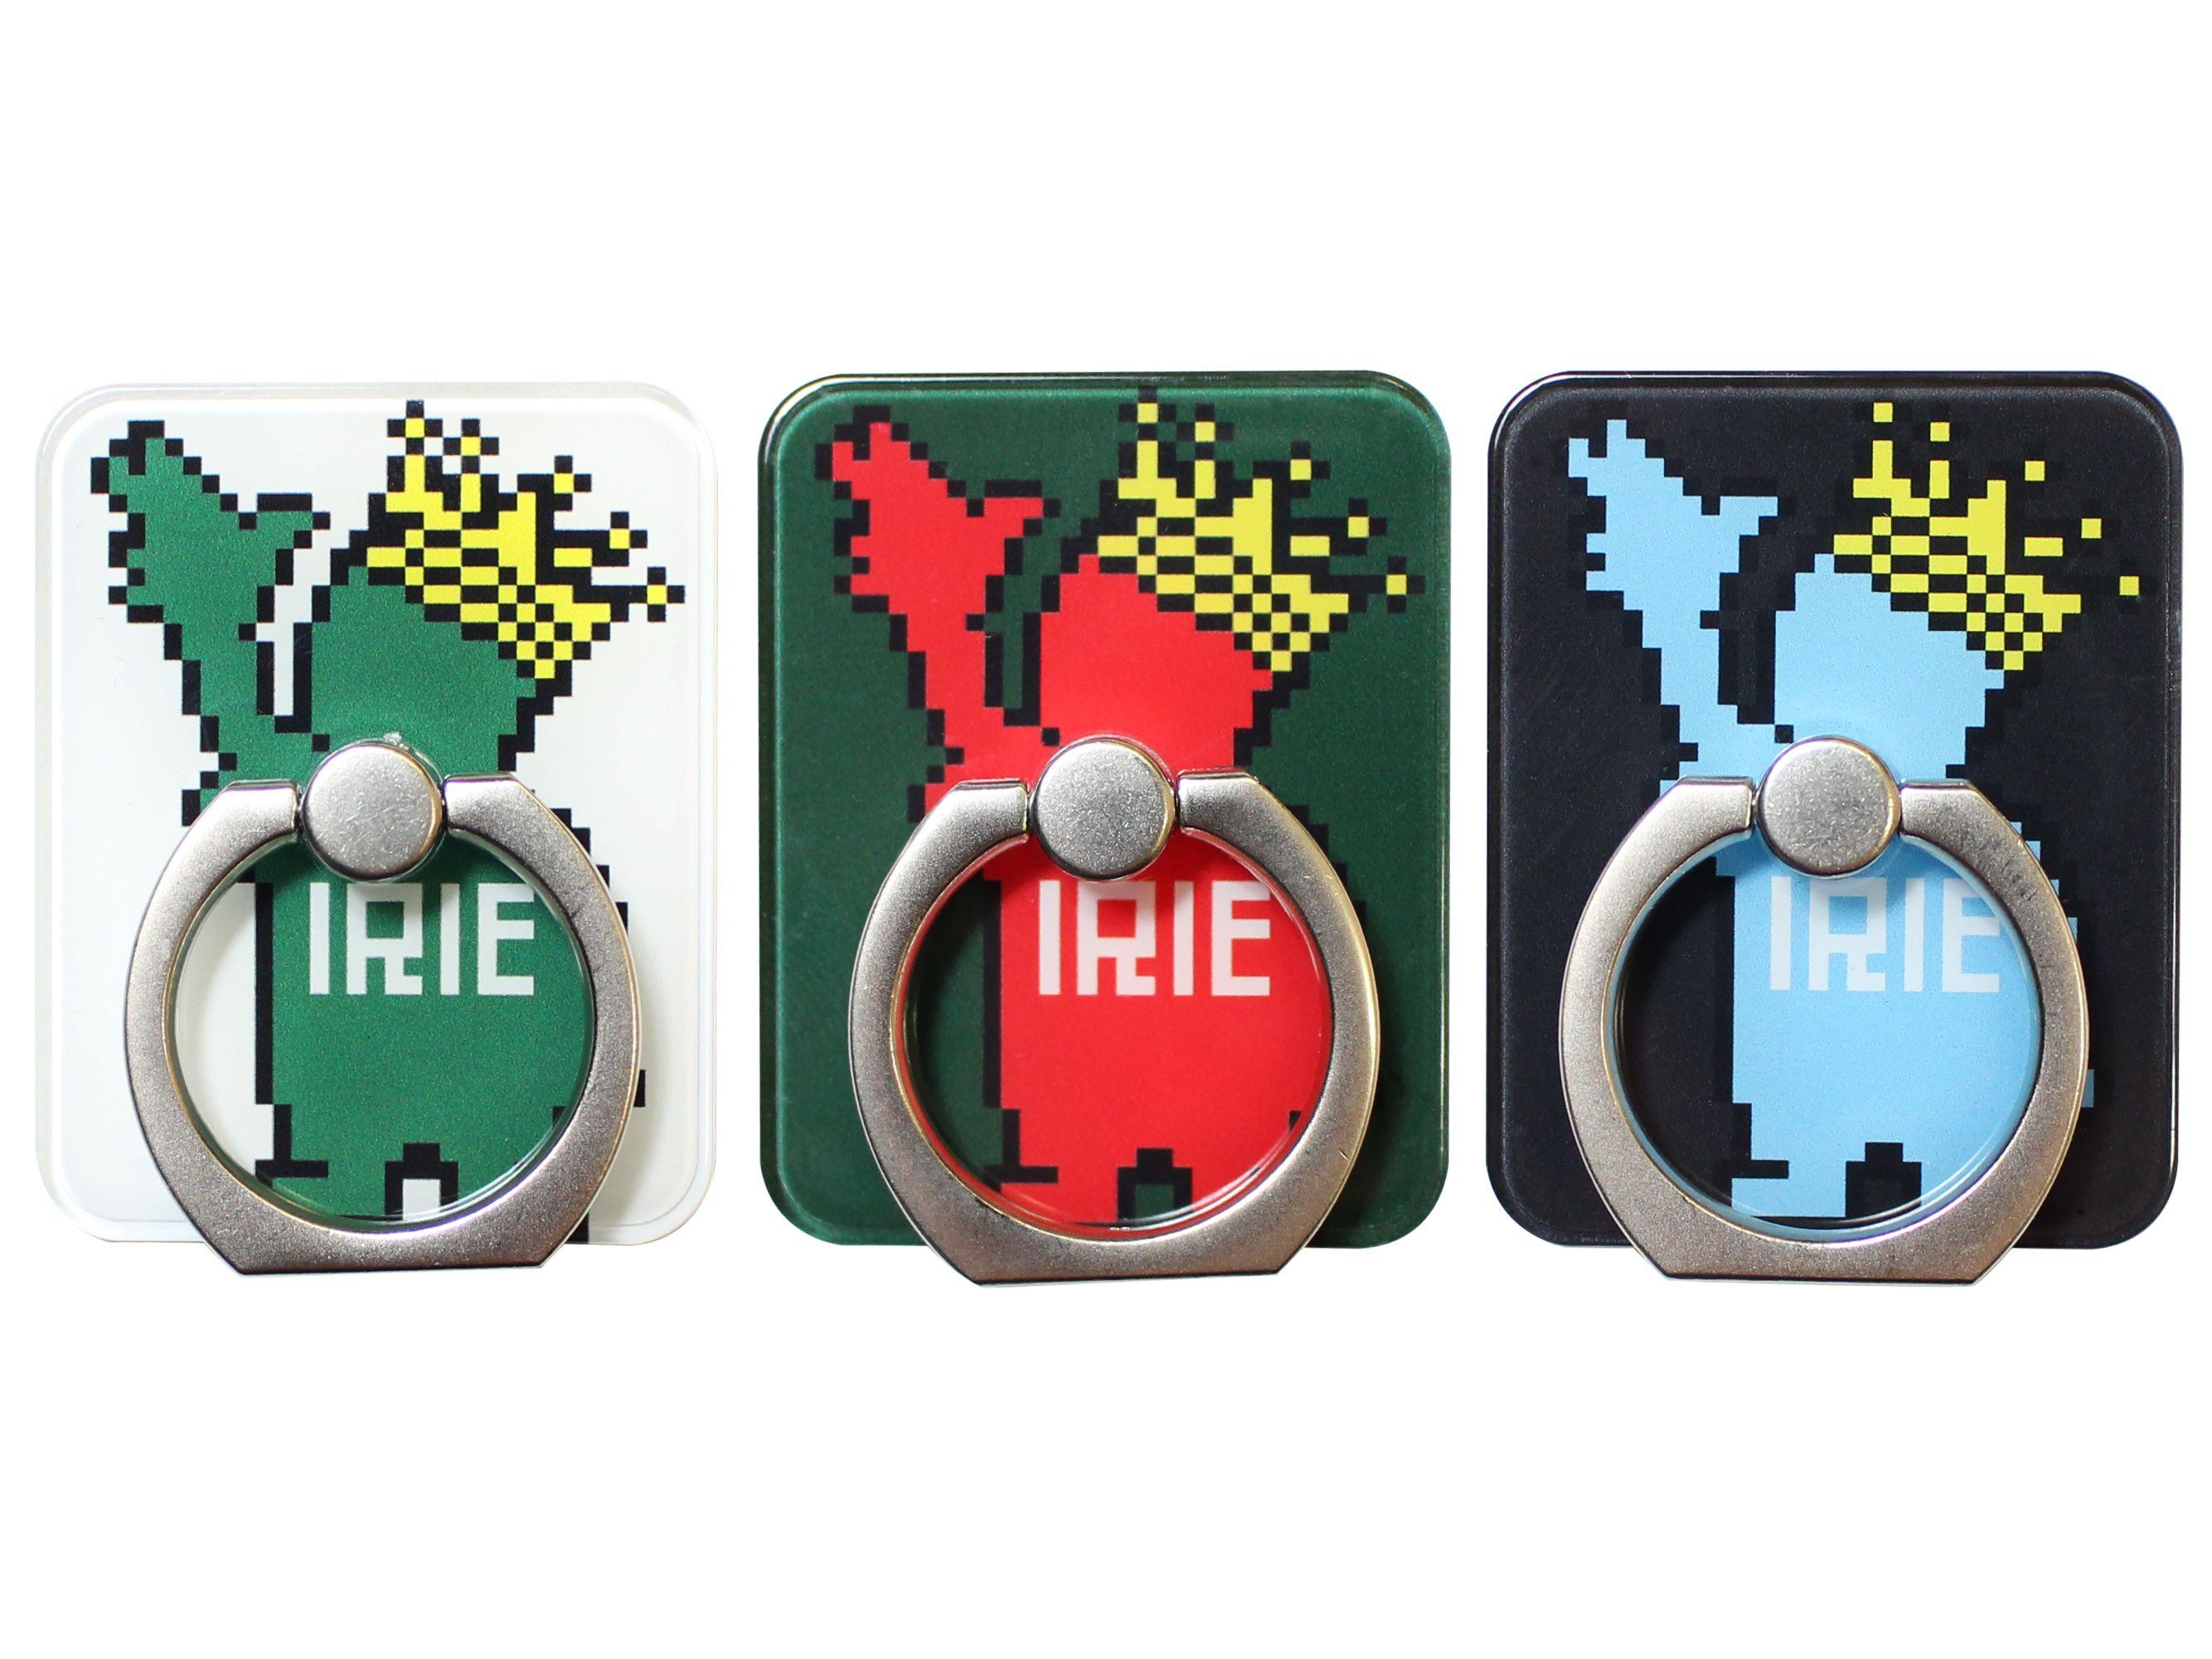 PIXEL POWKING SMARTPHONE RING -IRIEby irielife-